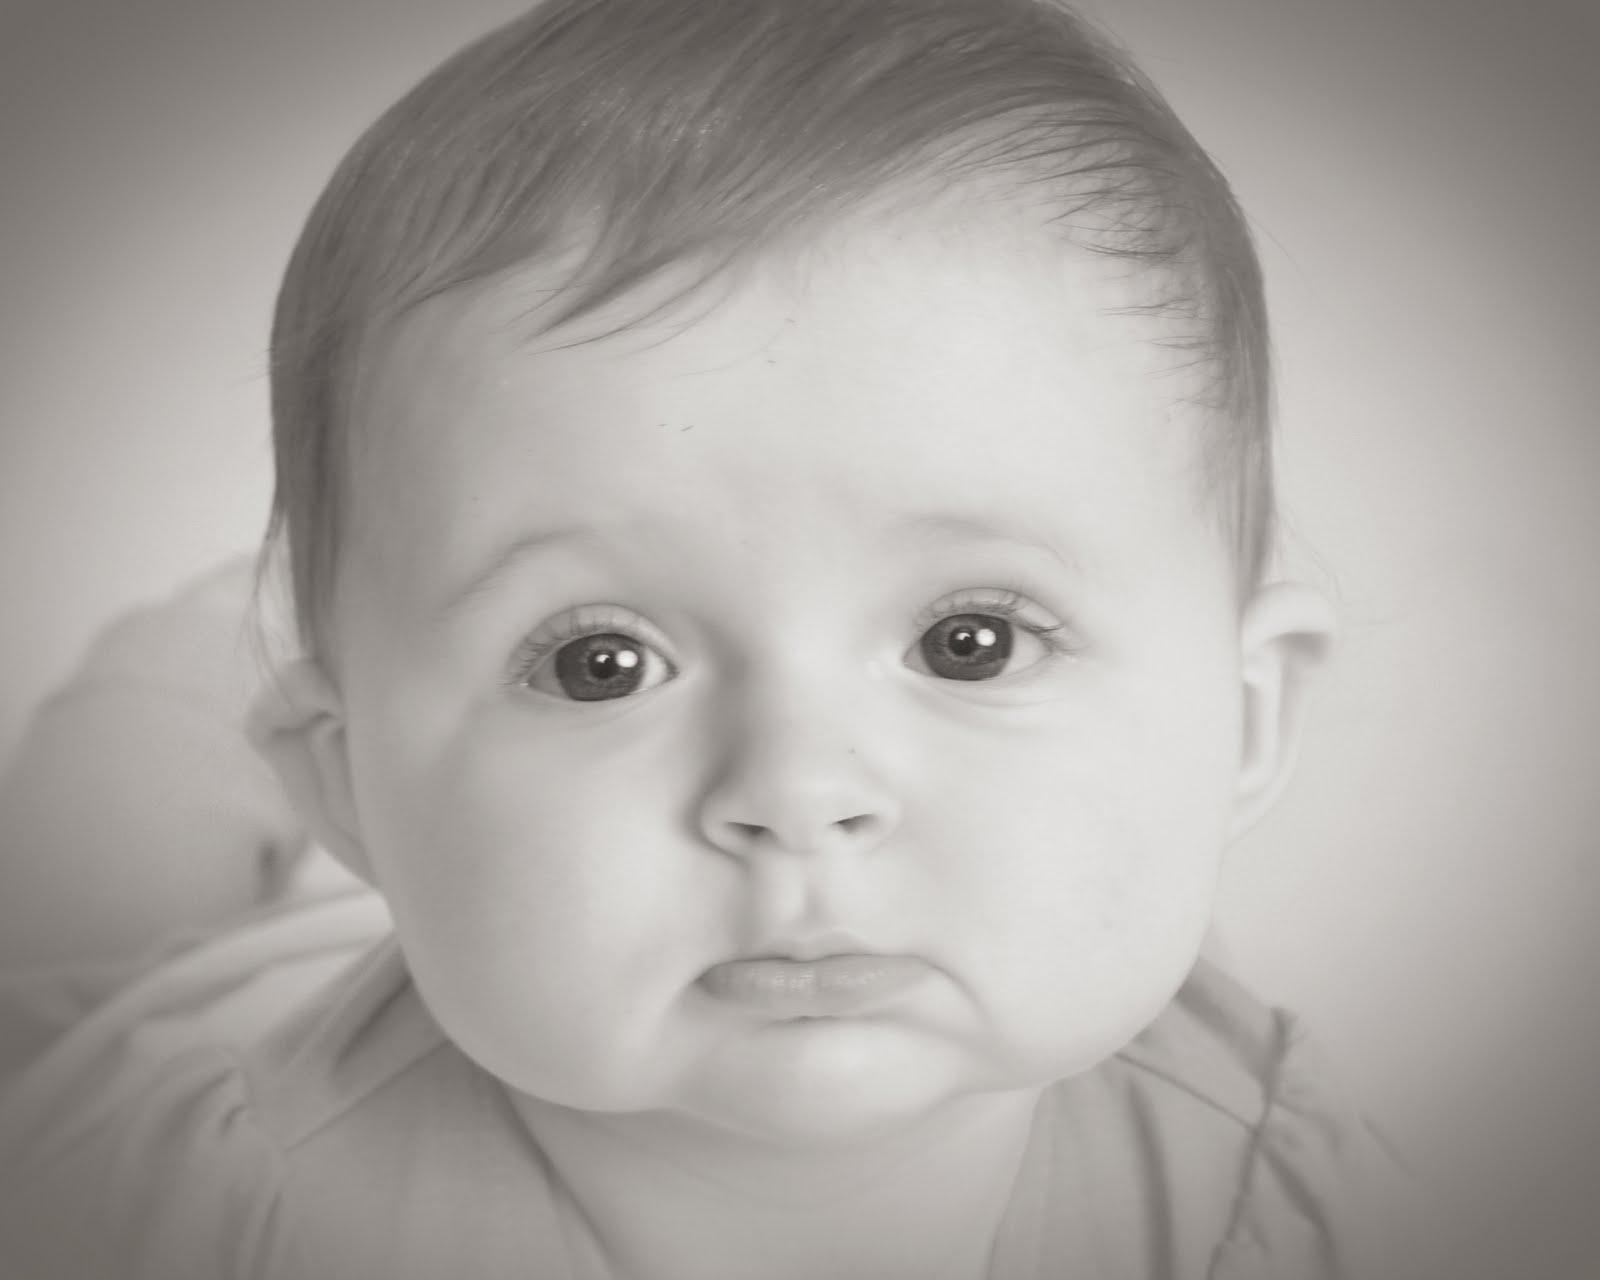 Baby Buffaloe: Blog Stats Sad Baby Face